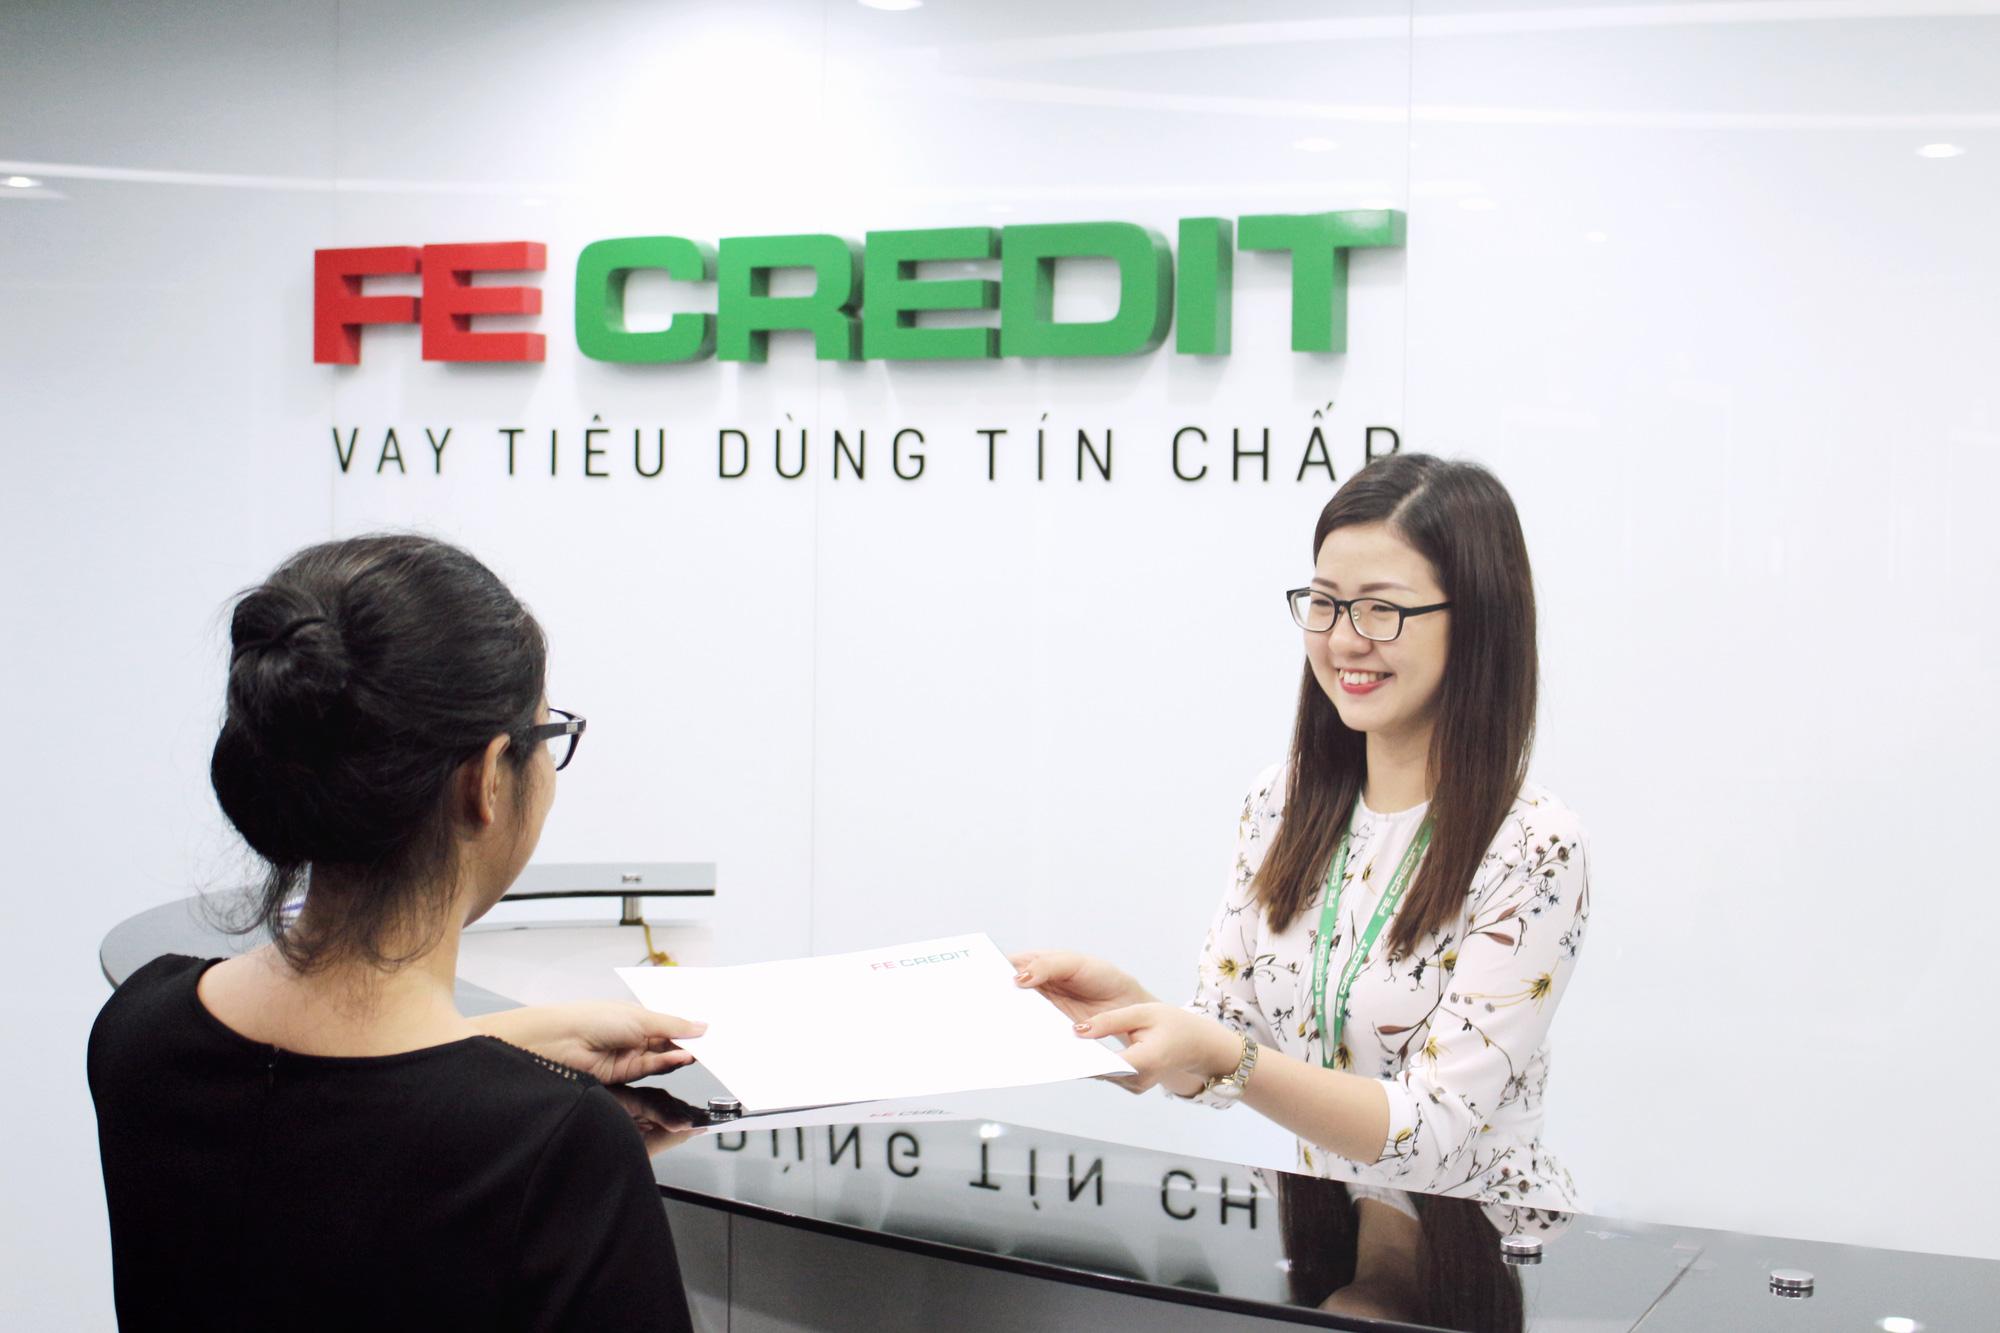 Nghề thu hồi nợ: Thấu hiểu, chia sẻ khó khăn, niềm vui cùng khách hàng - Ảnh 2.